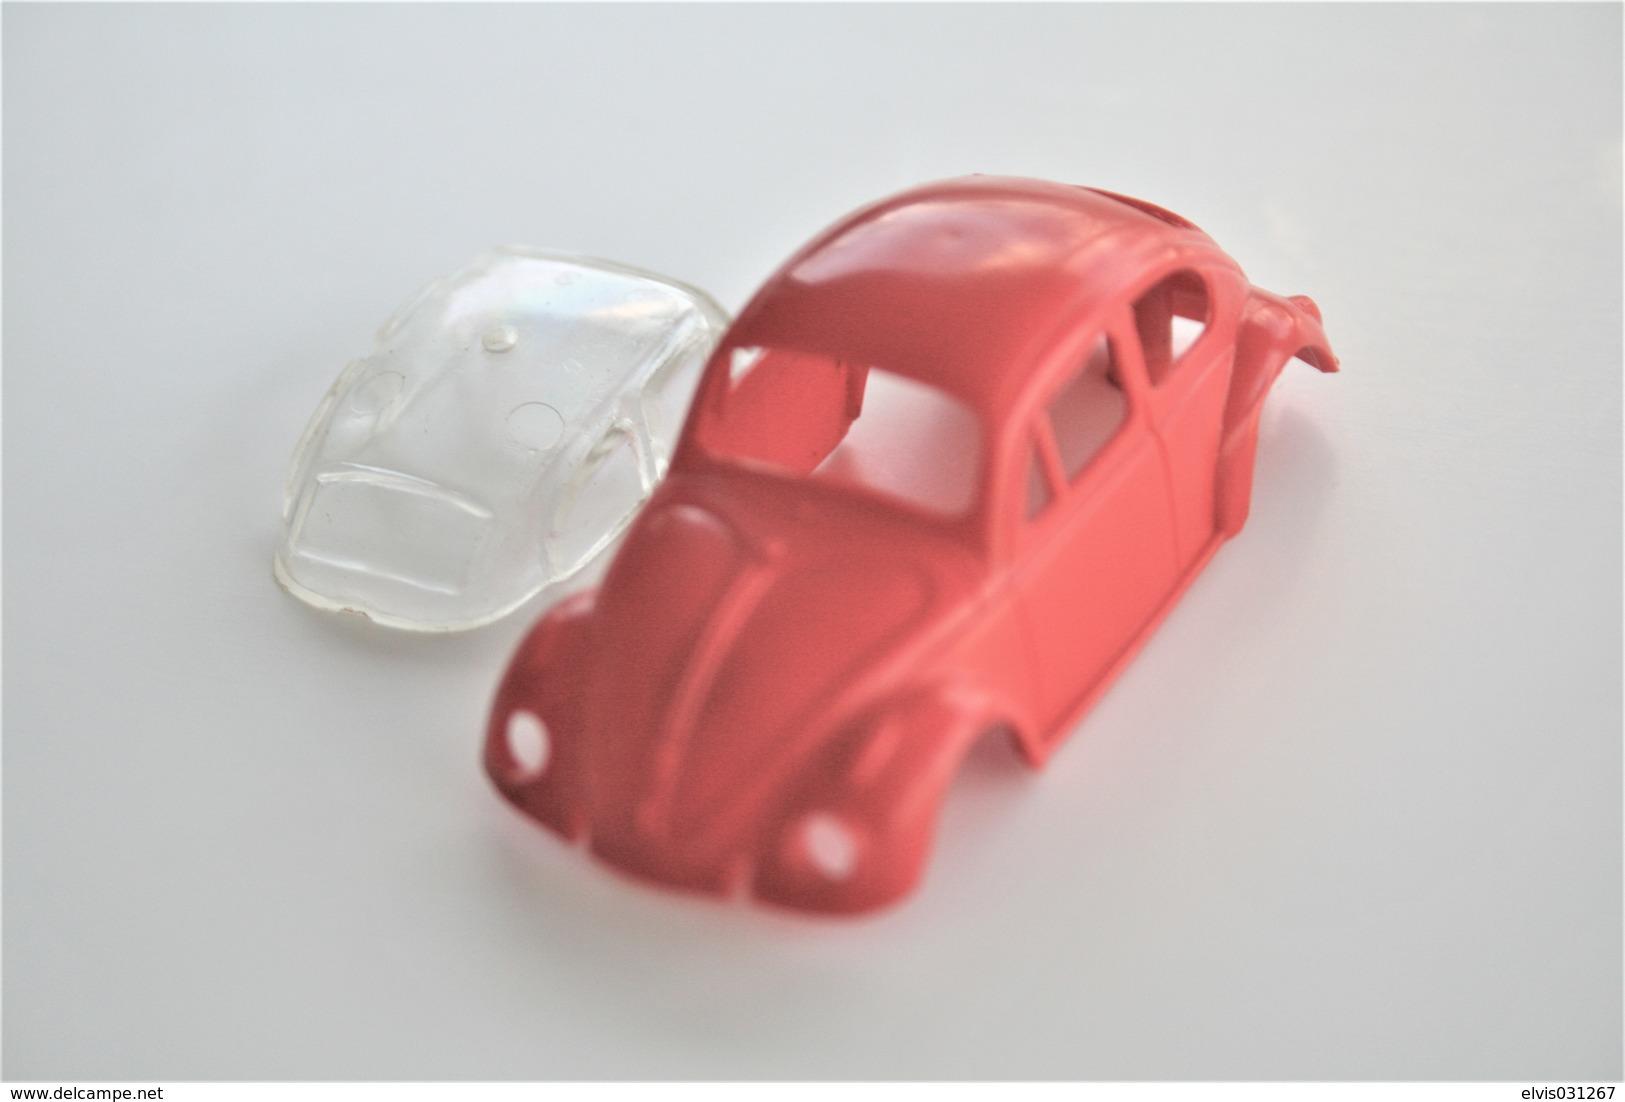 FALLER AMS 4803 Parts Type 2 VW Beetle - VW Bug - Blue - 1950-60's - Autocircuits